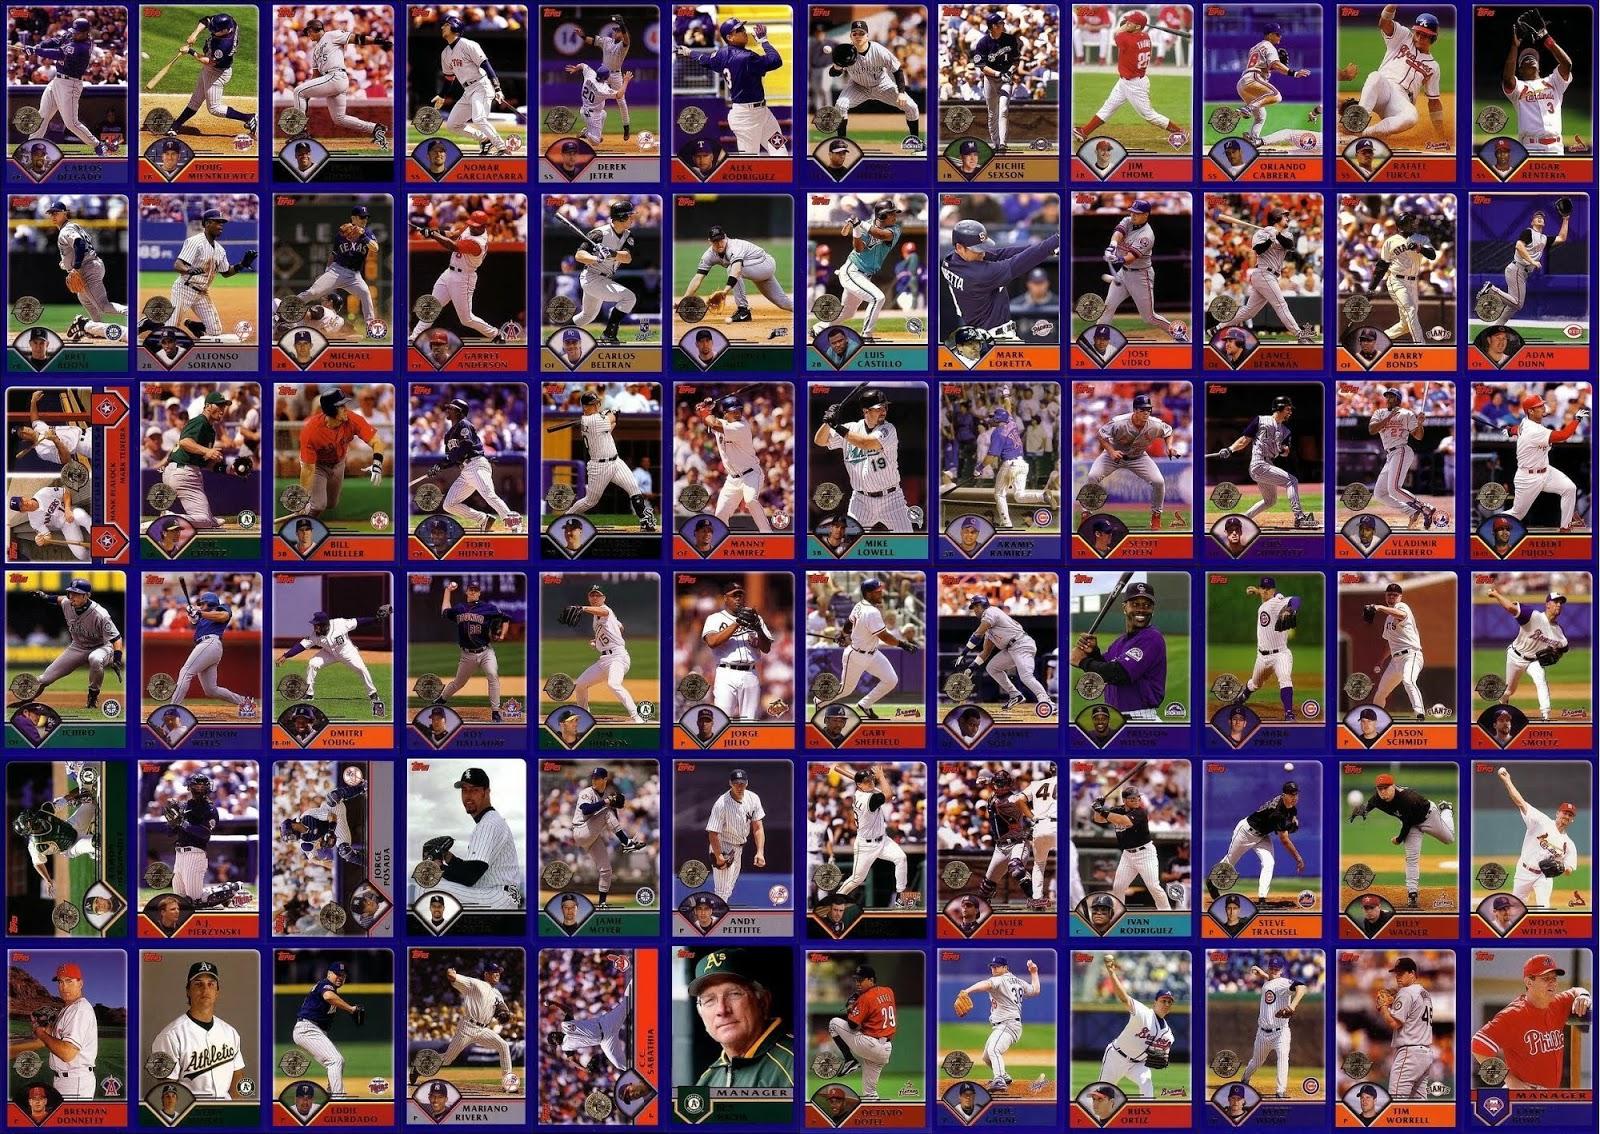 bdj610's Topps Baseball Card Blog